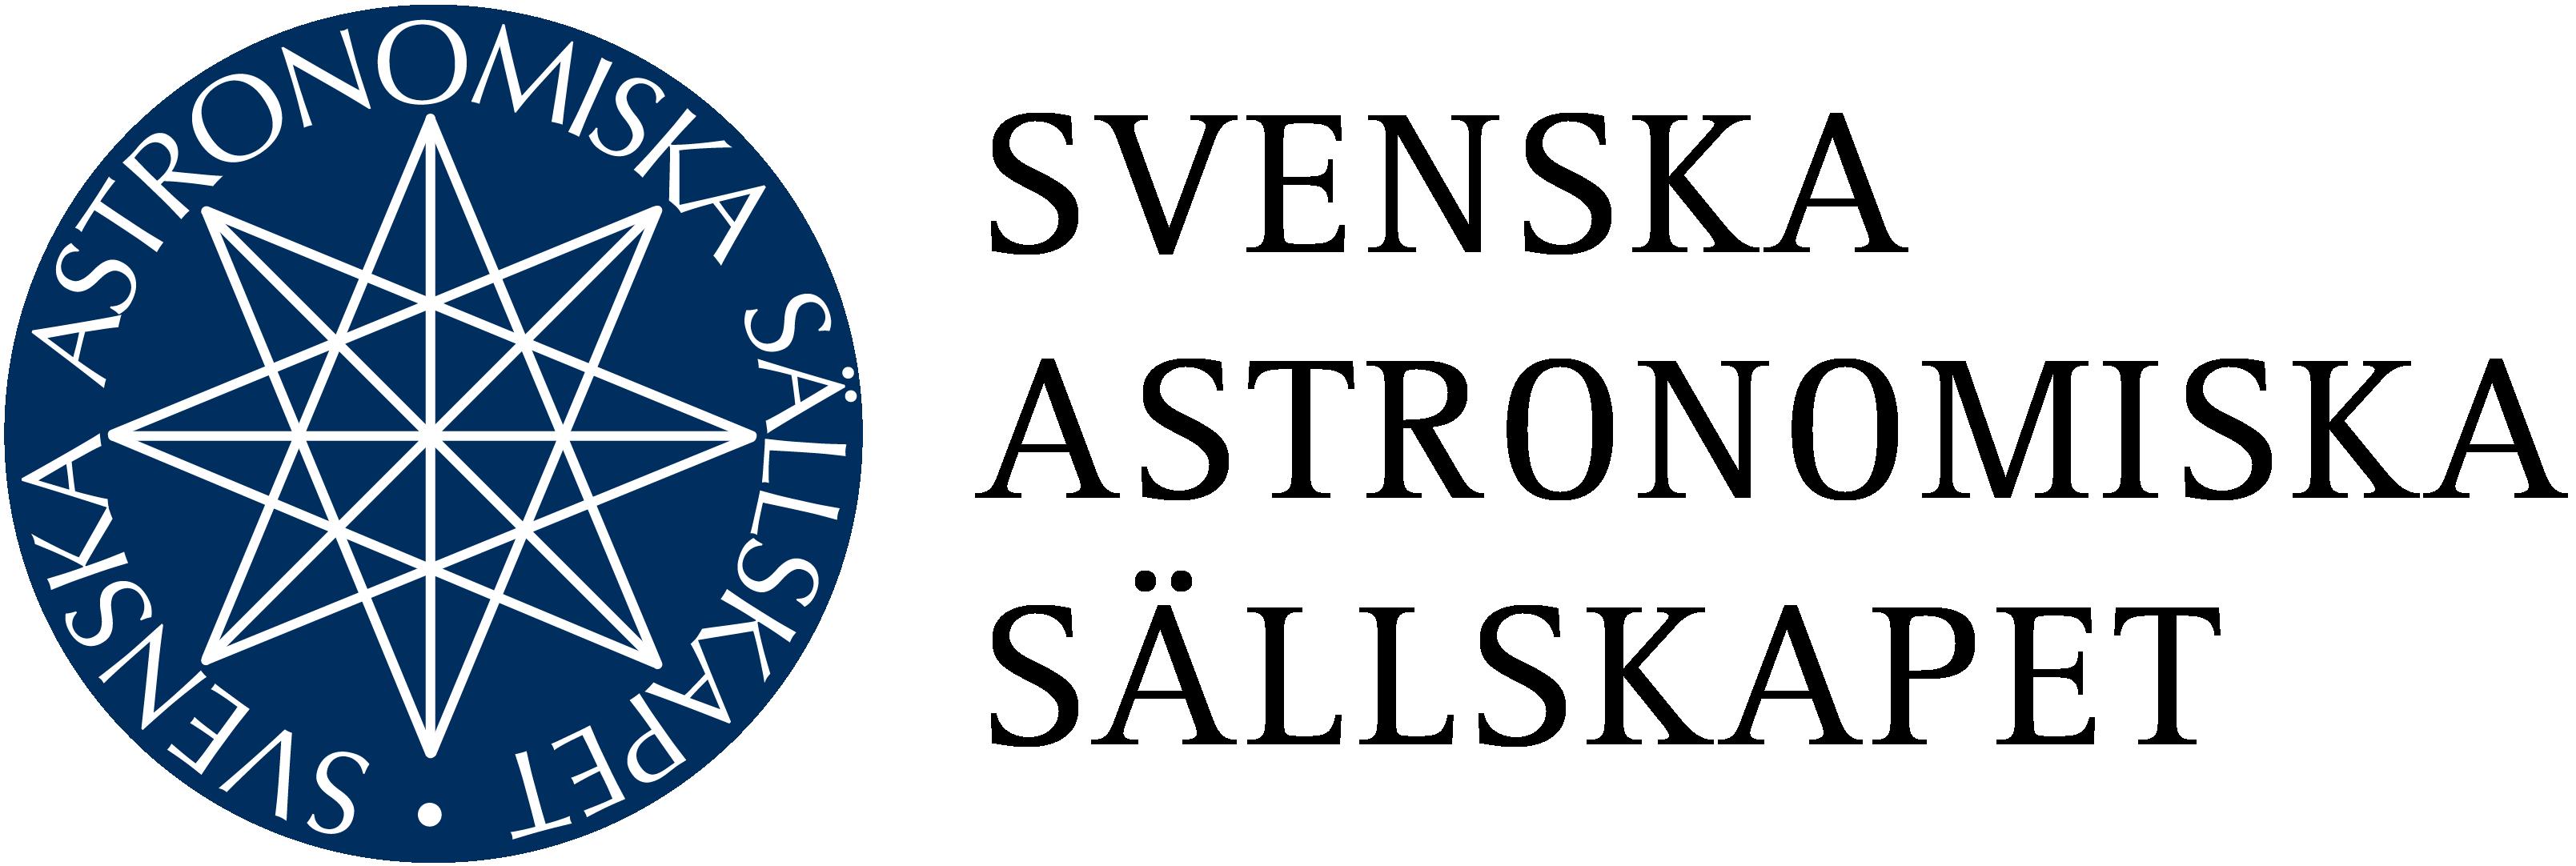 Svenska Astronomiska Sällskapet